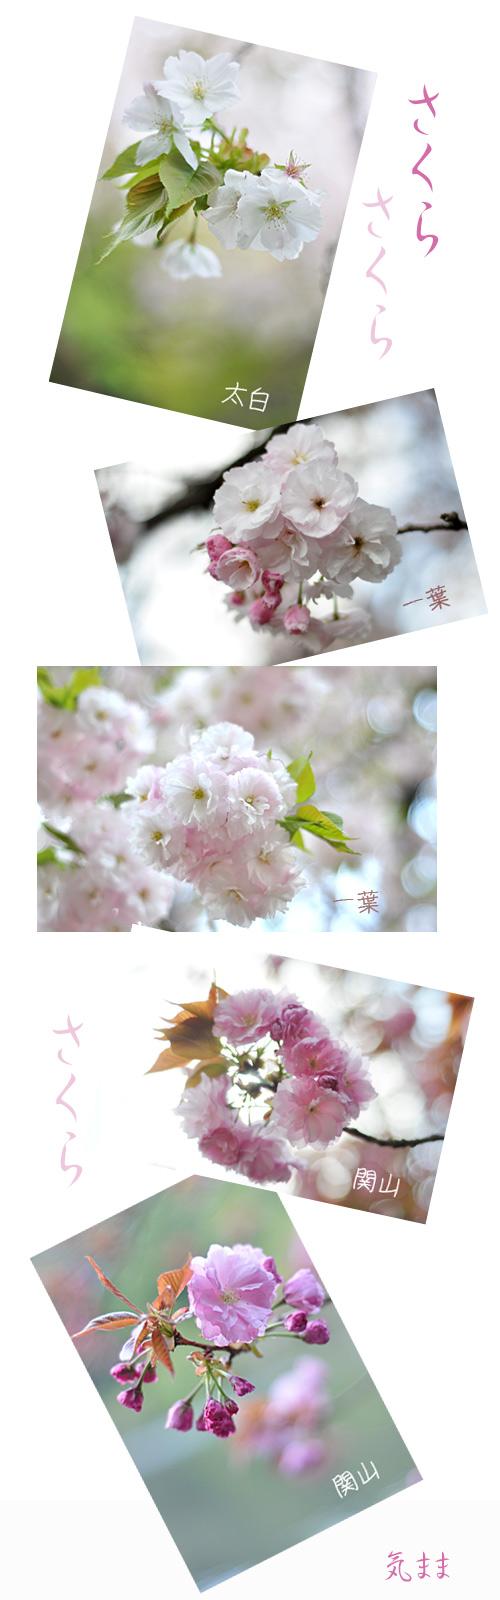 4月21日八重桜1